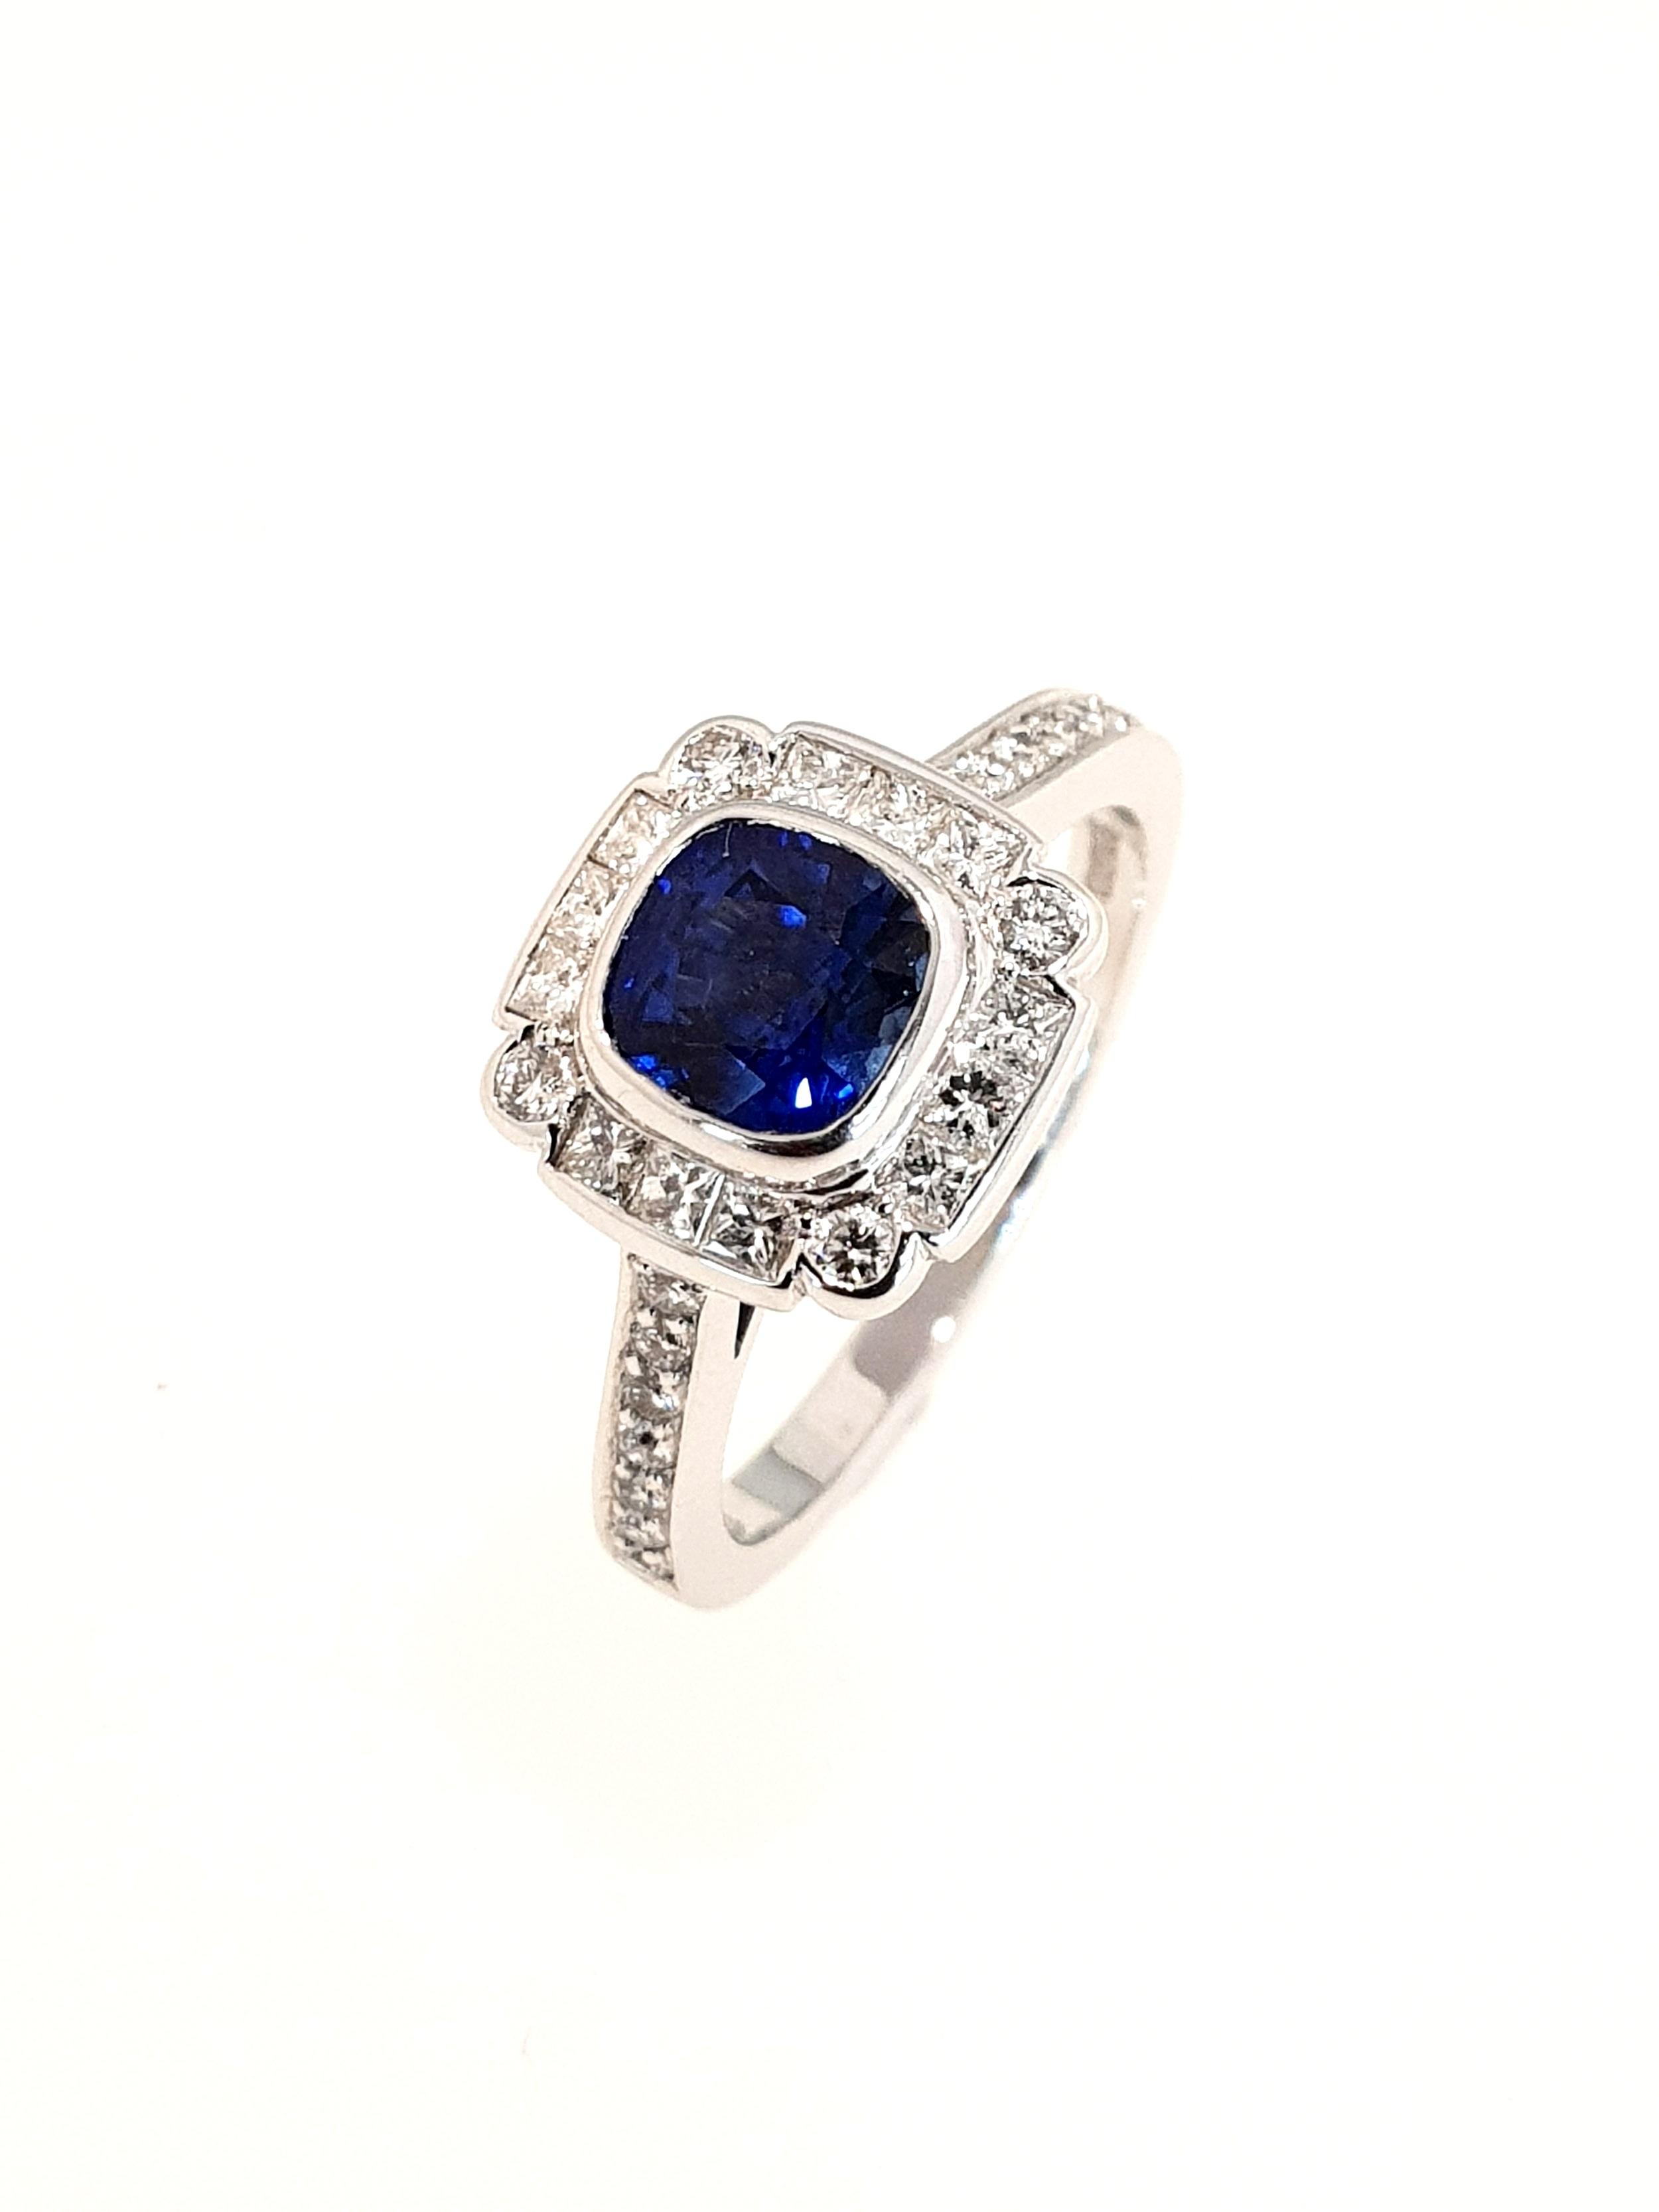 18ct White Gold Sapphire(.24ct) & Diamond Ring  Diamond: .29ct, G, Si1  Stock Code: N8944  £5500